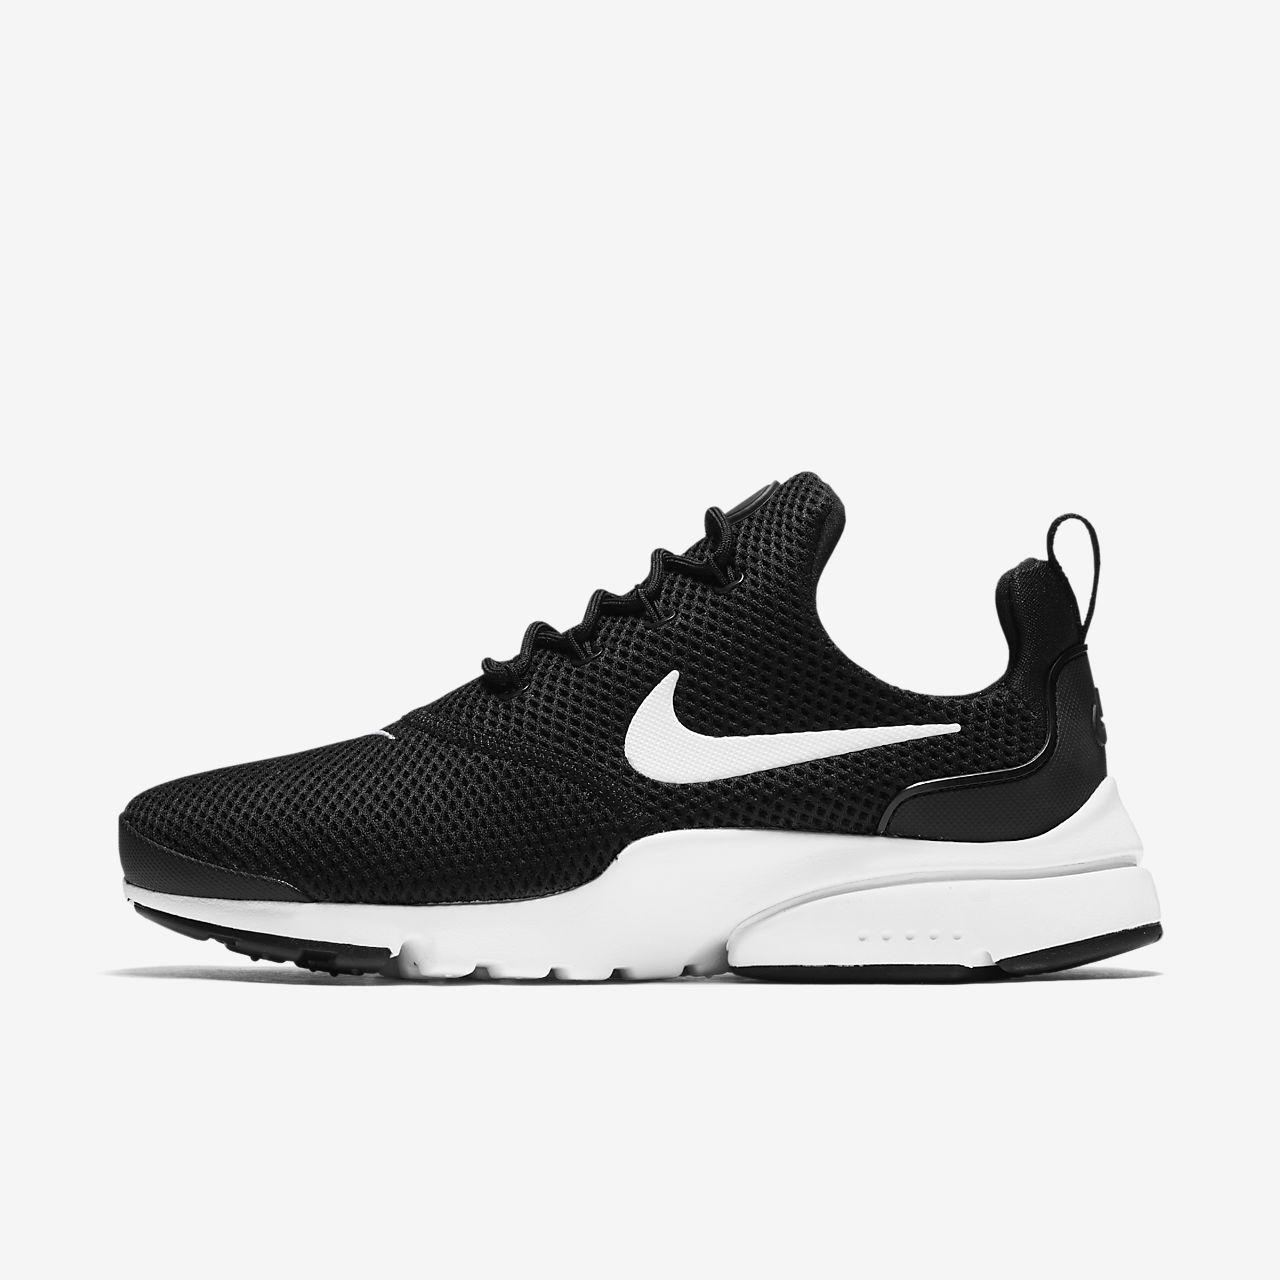 best service 8d06c de543 Nike Presto Fly Womens Shoe. Nike.com ZA